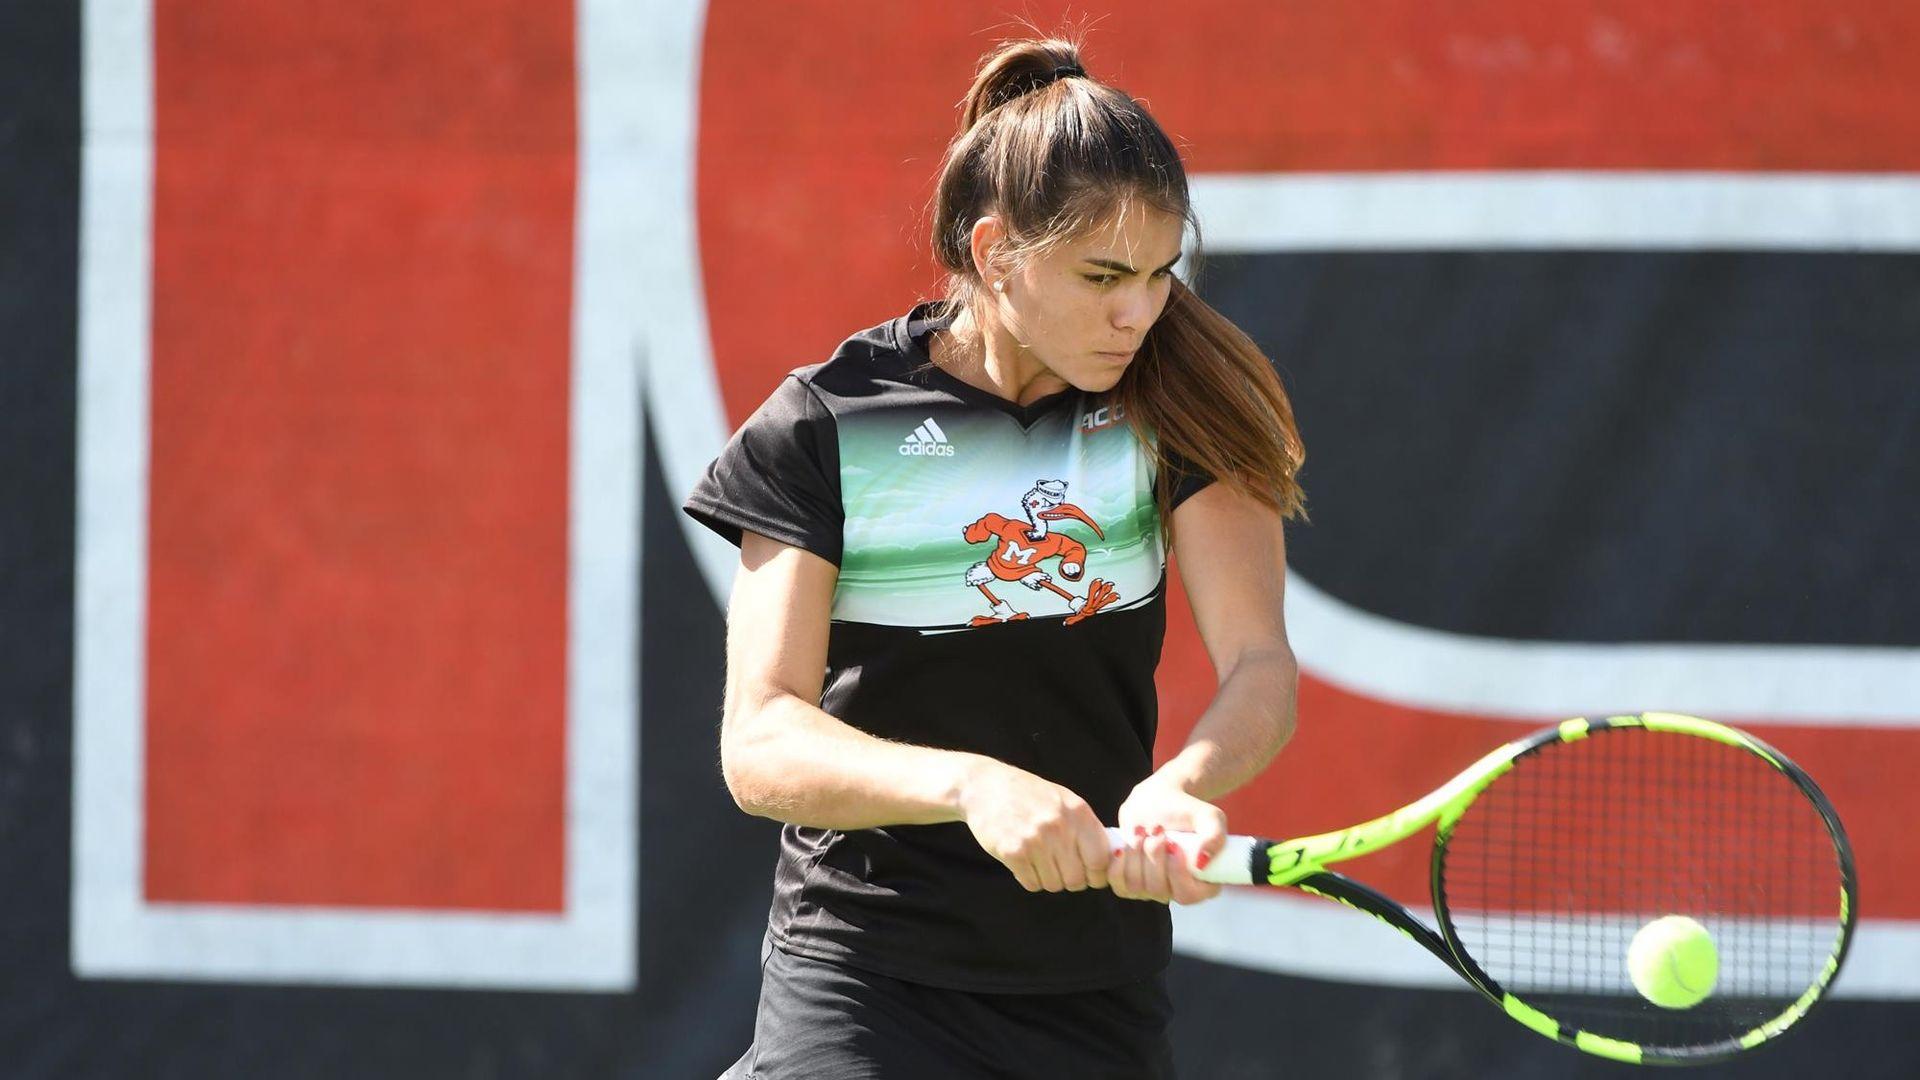 W. Tennis Ranked No. 17 to Open 2019 Season